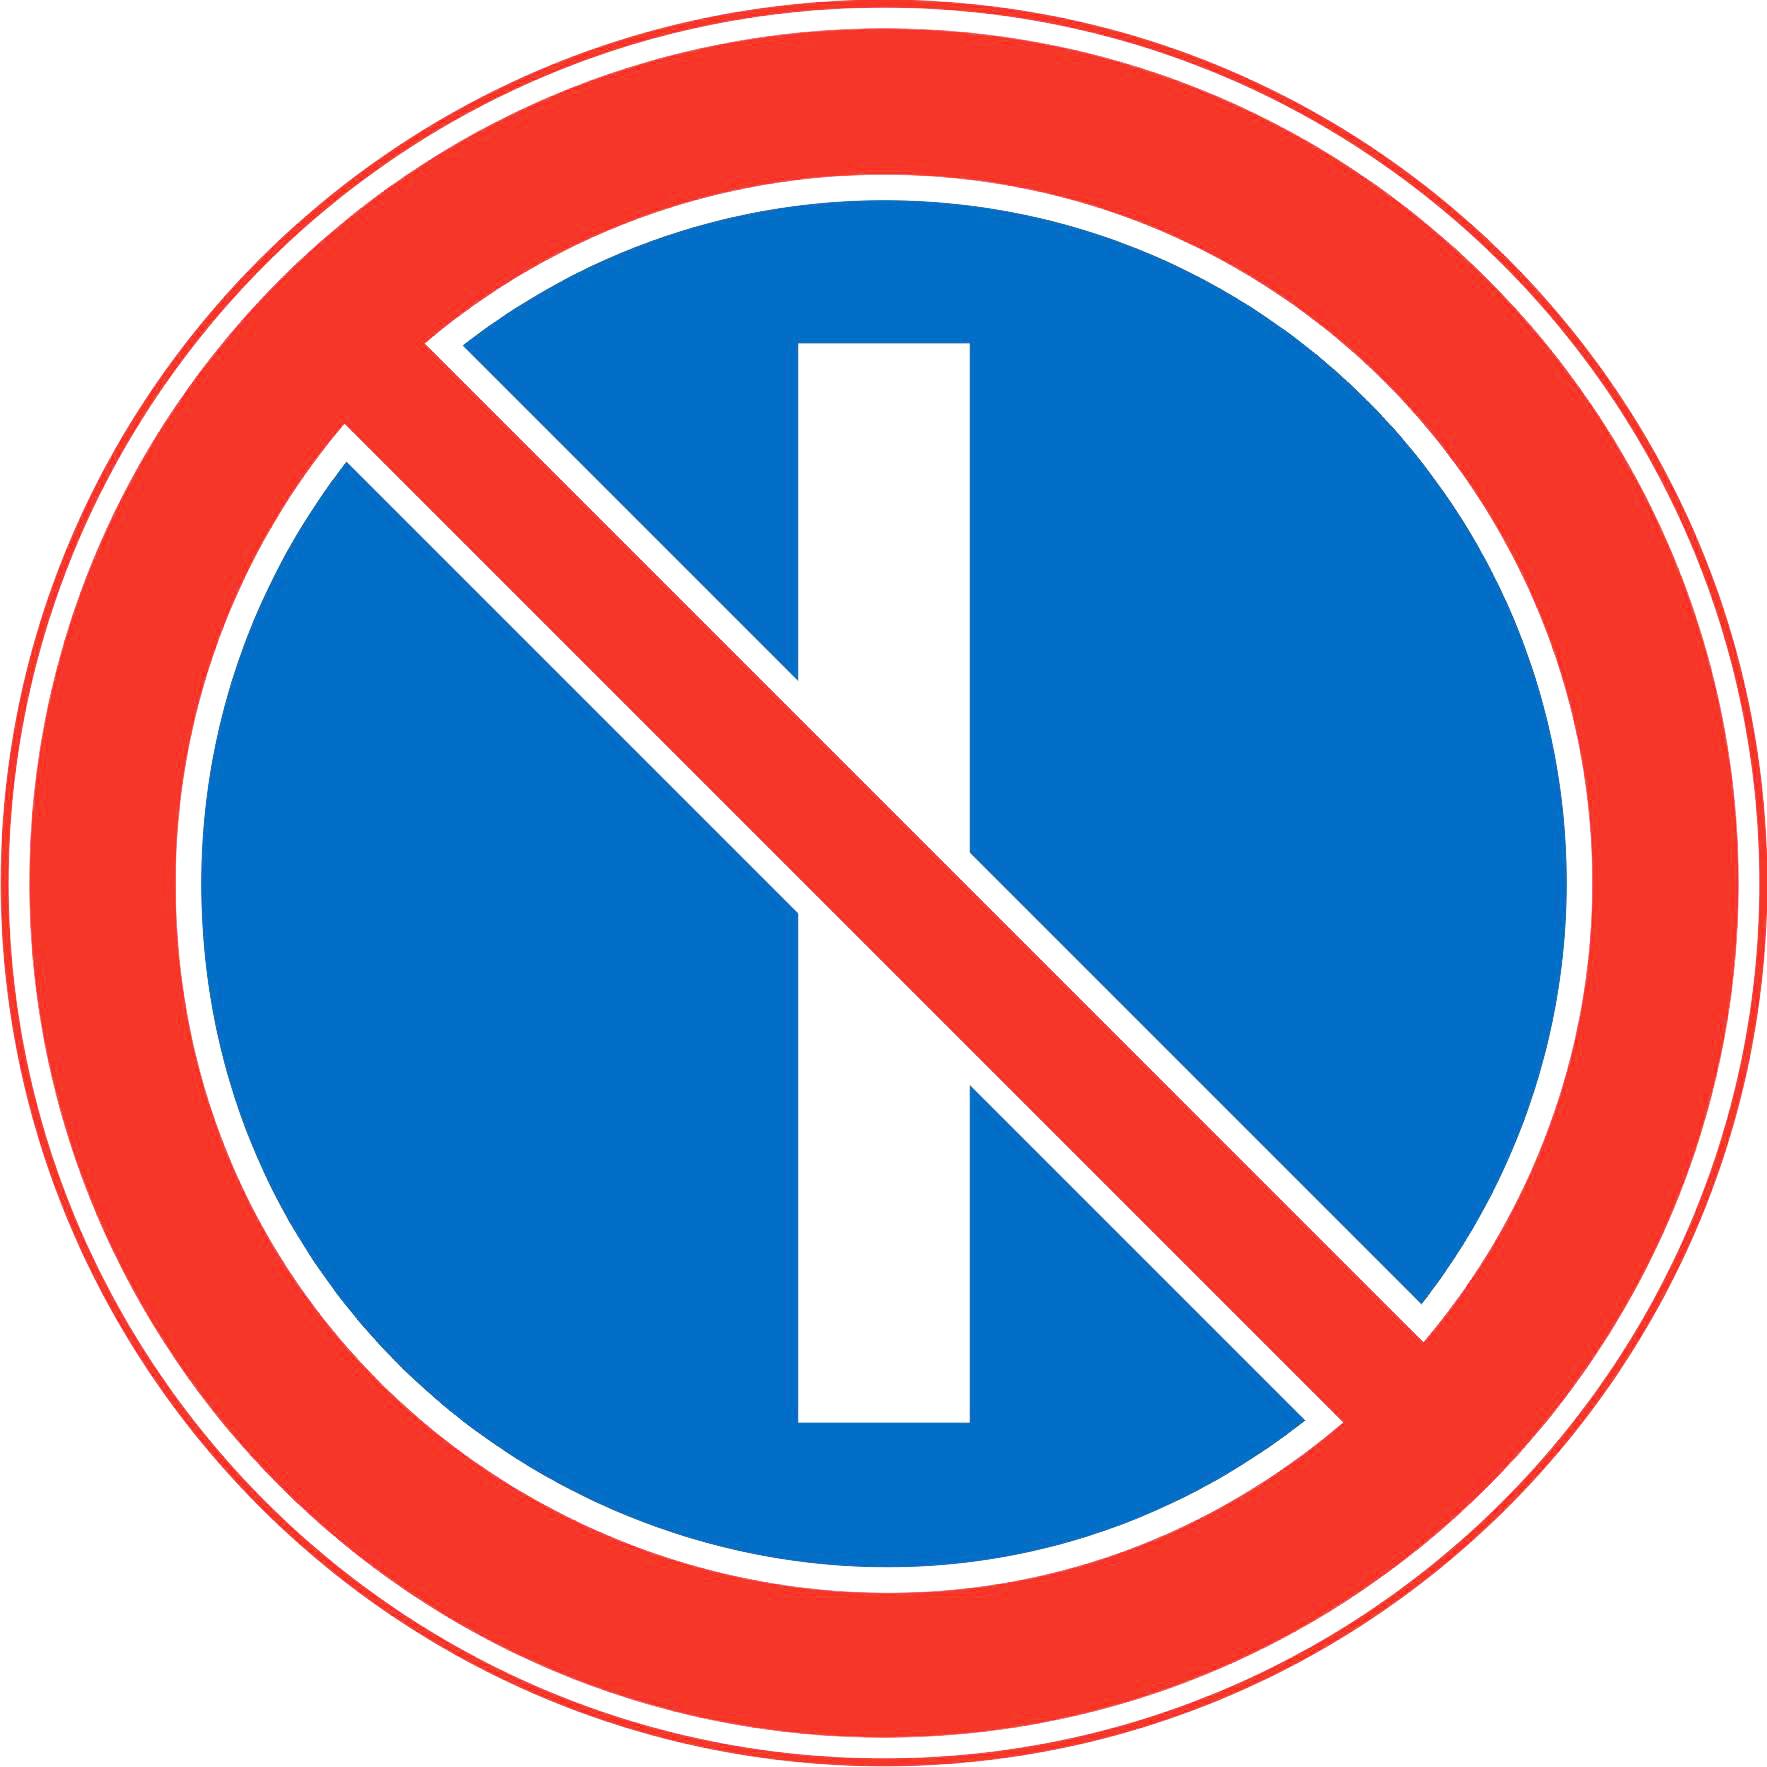 знаки дорожного движения четные нечетные дни